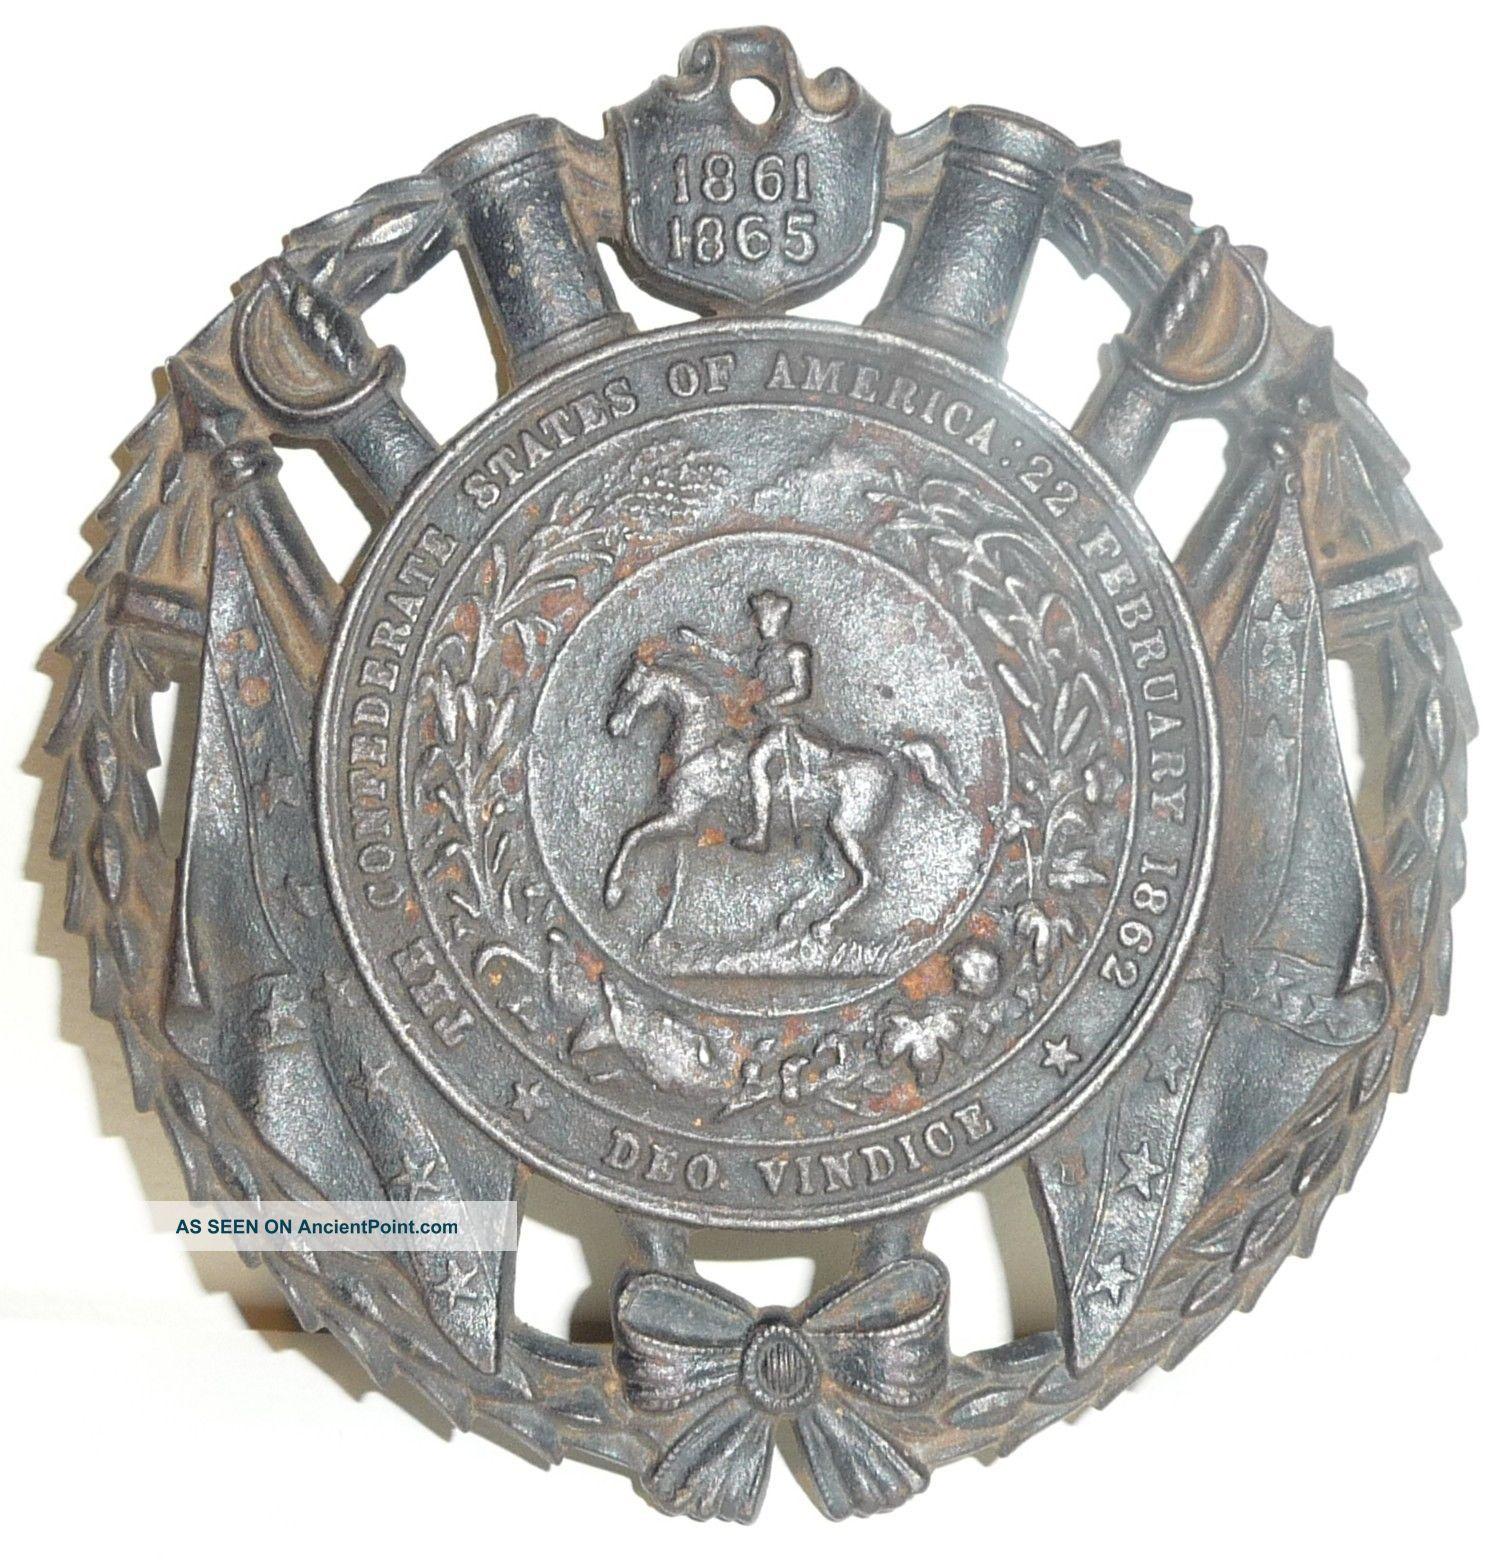 1861 - 1865 Civil War Confederate Commemorative 1952 Trivet Trivets photo